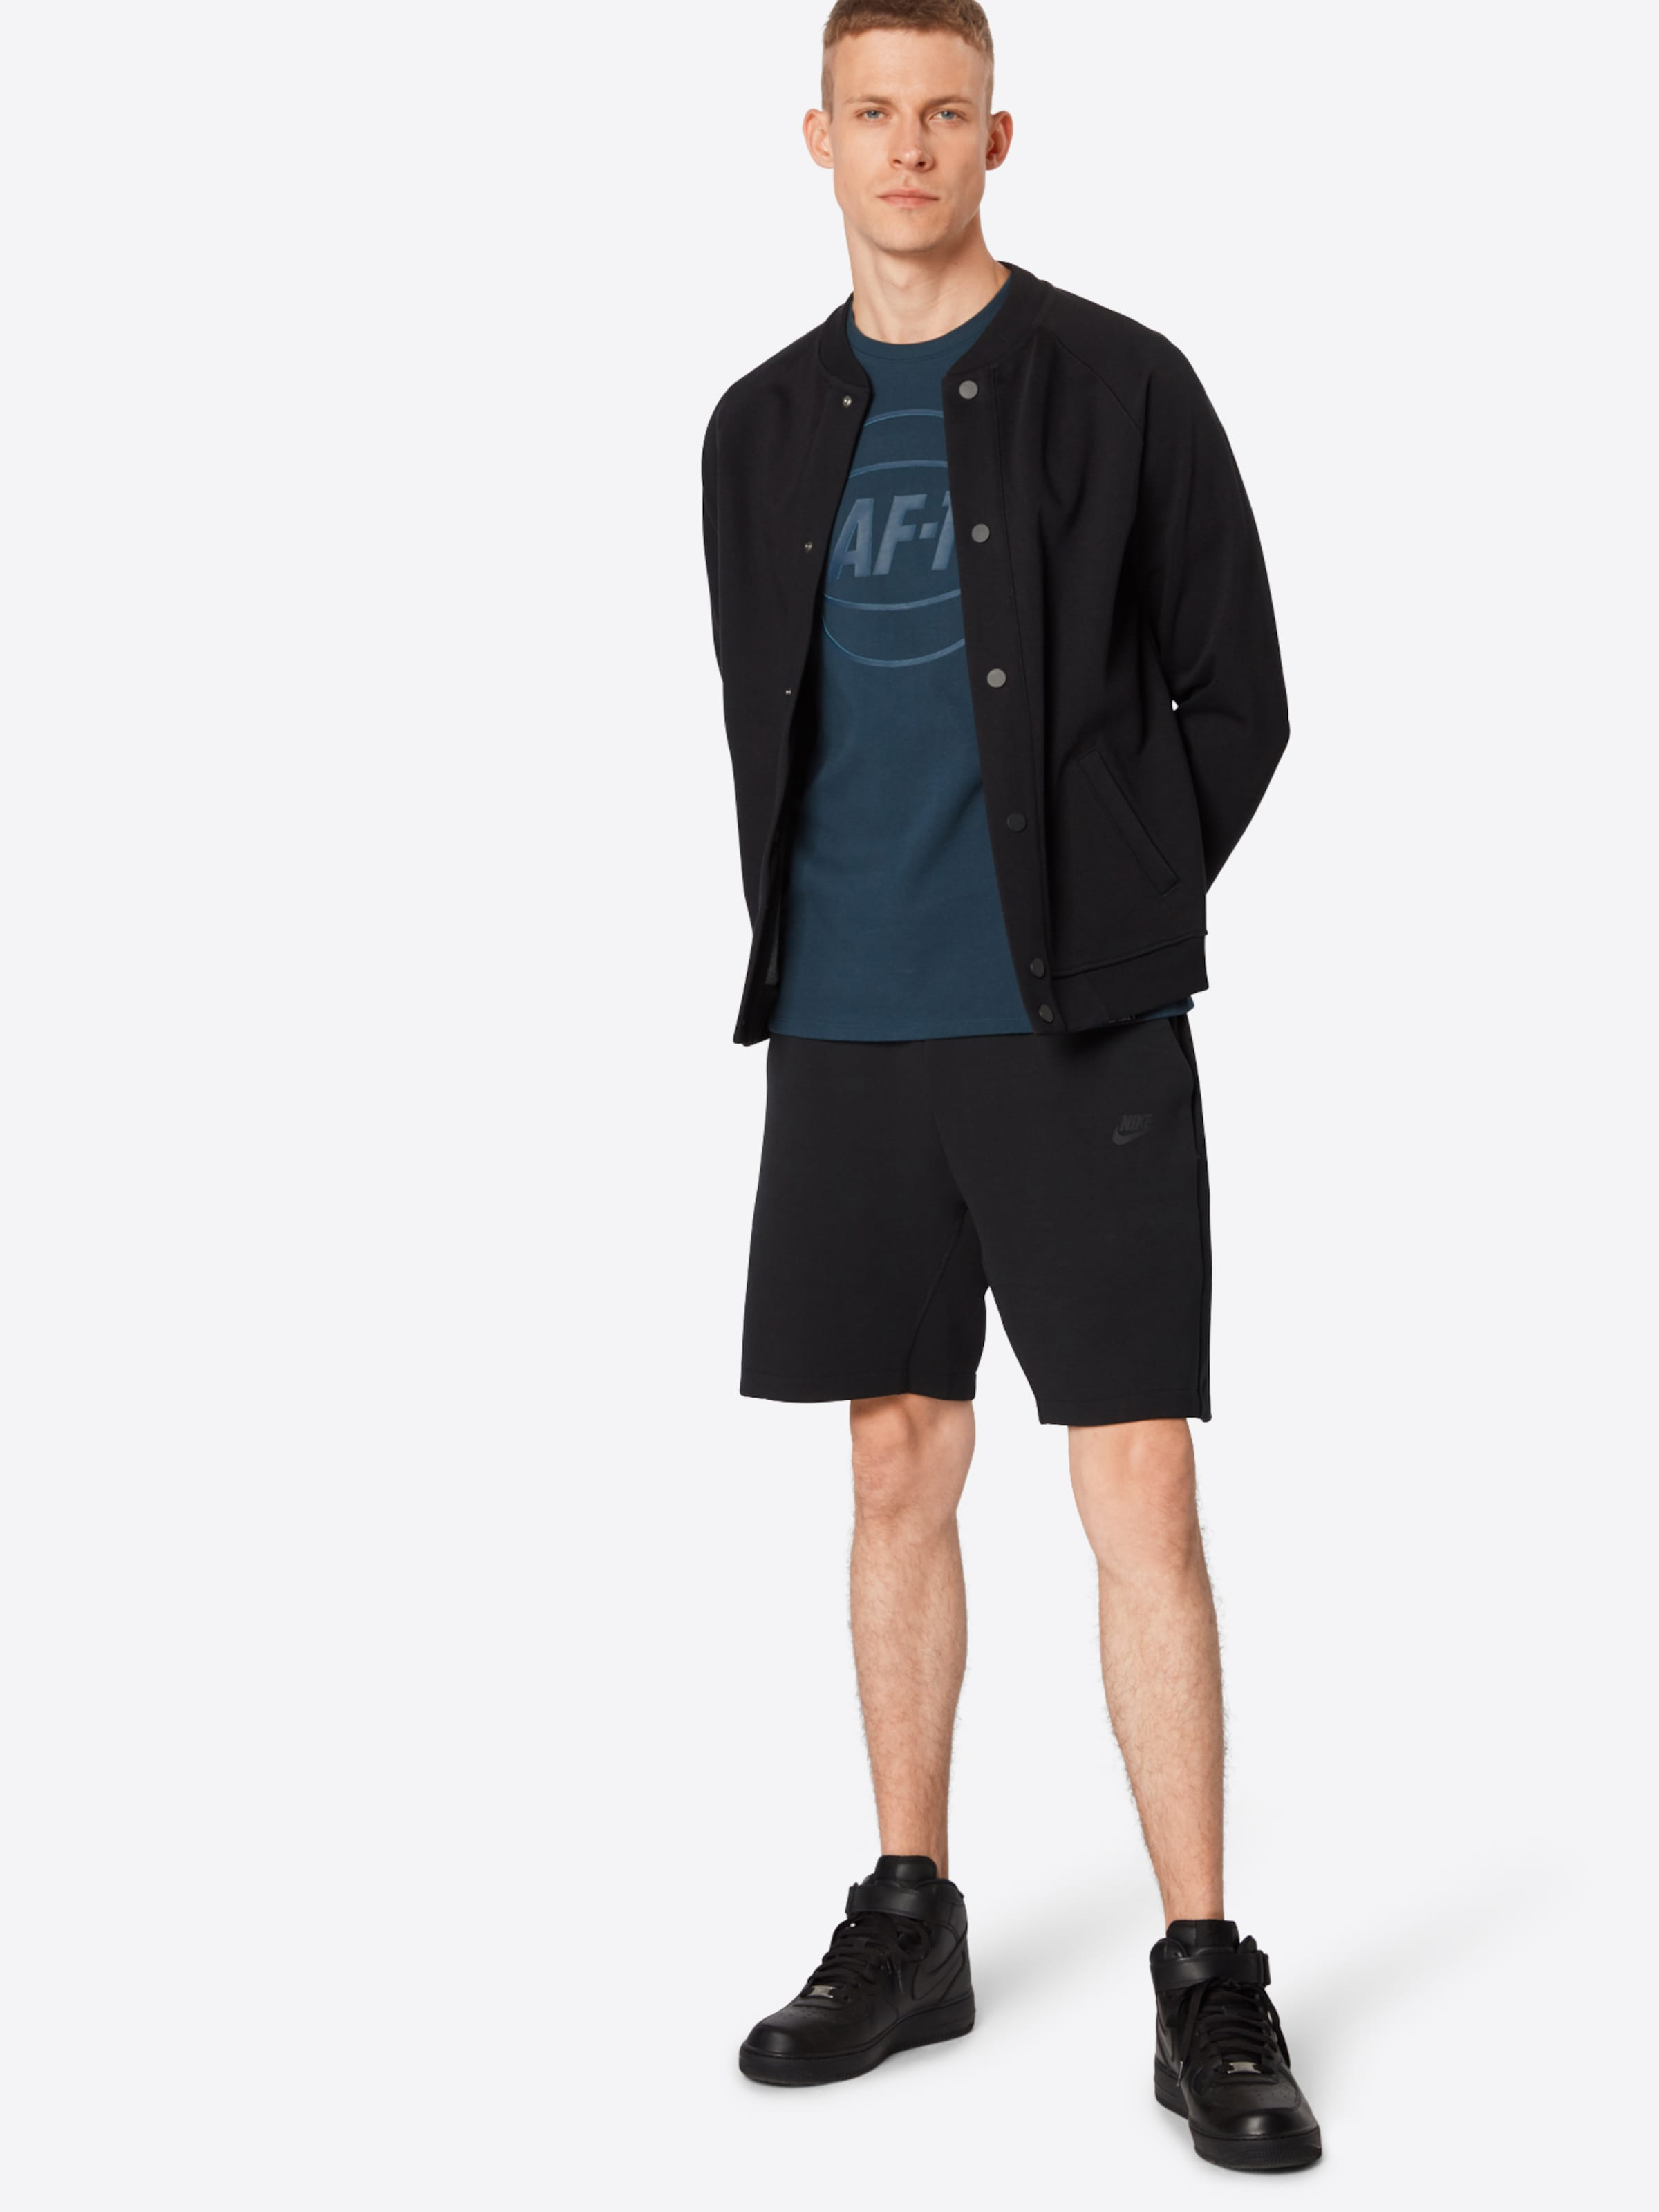 Sportswear 'tch Noir En Nike Pantalon Flc' sCtQrdh